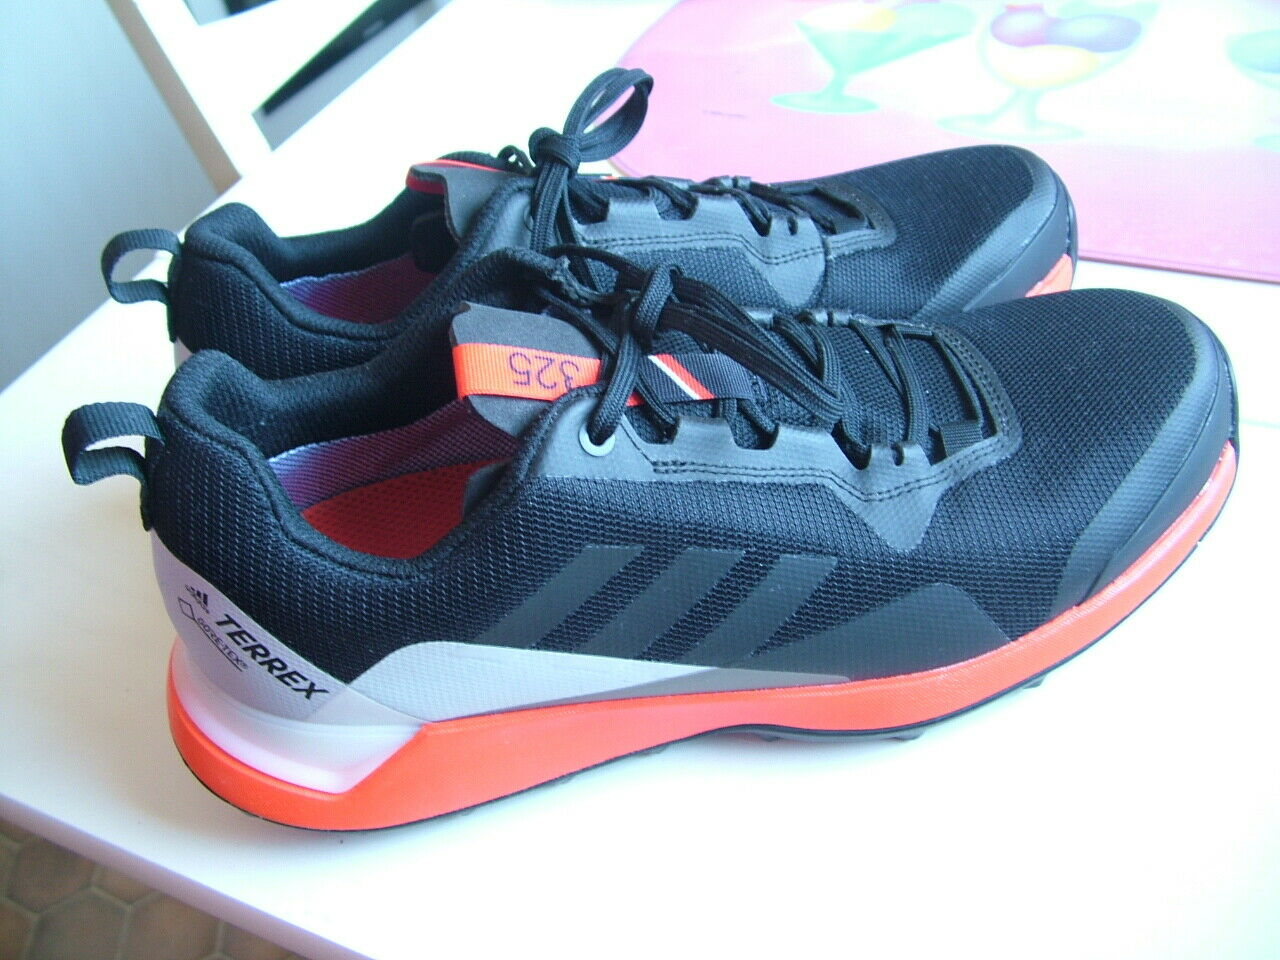 scarpe uomo adidas goretex